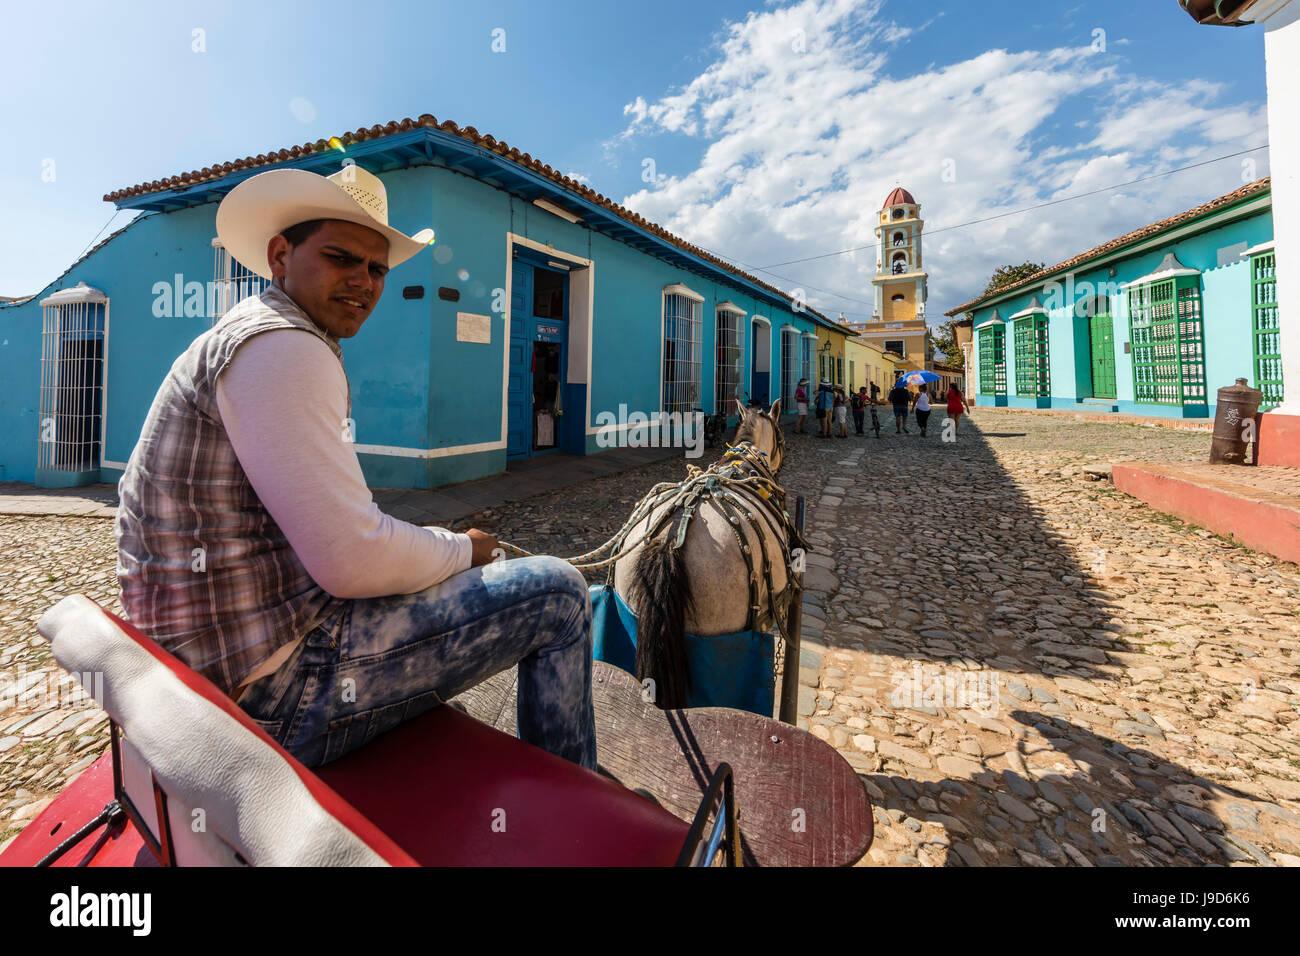 Chariot connu localement comme une coche sur la Plaza Mayor, dans la ville de Trinidad, l'UNESCO, Cuba, Antilles, Caraïbes Banque D'Images